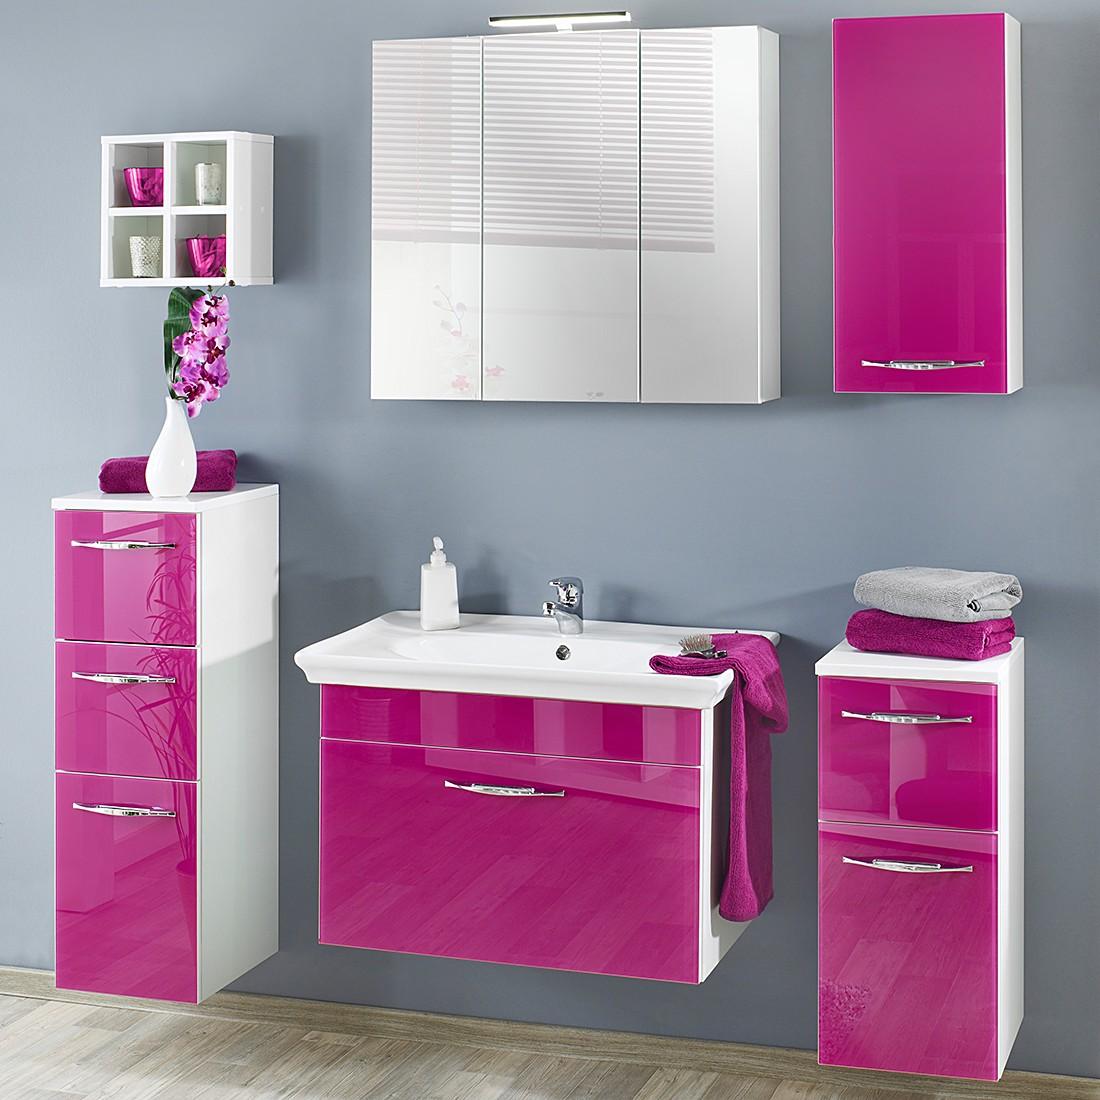 Oberschrank Pixy I – Weiß/Glas Pink, Giessbach kaufen